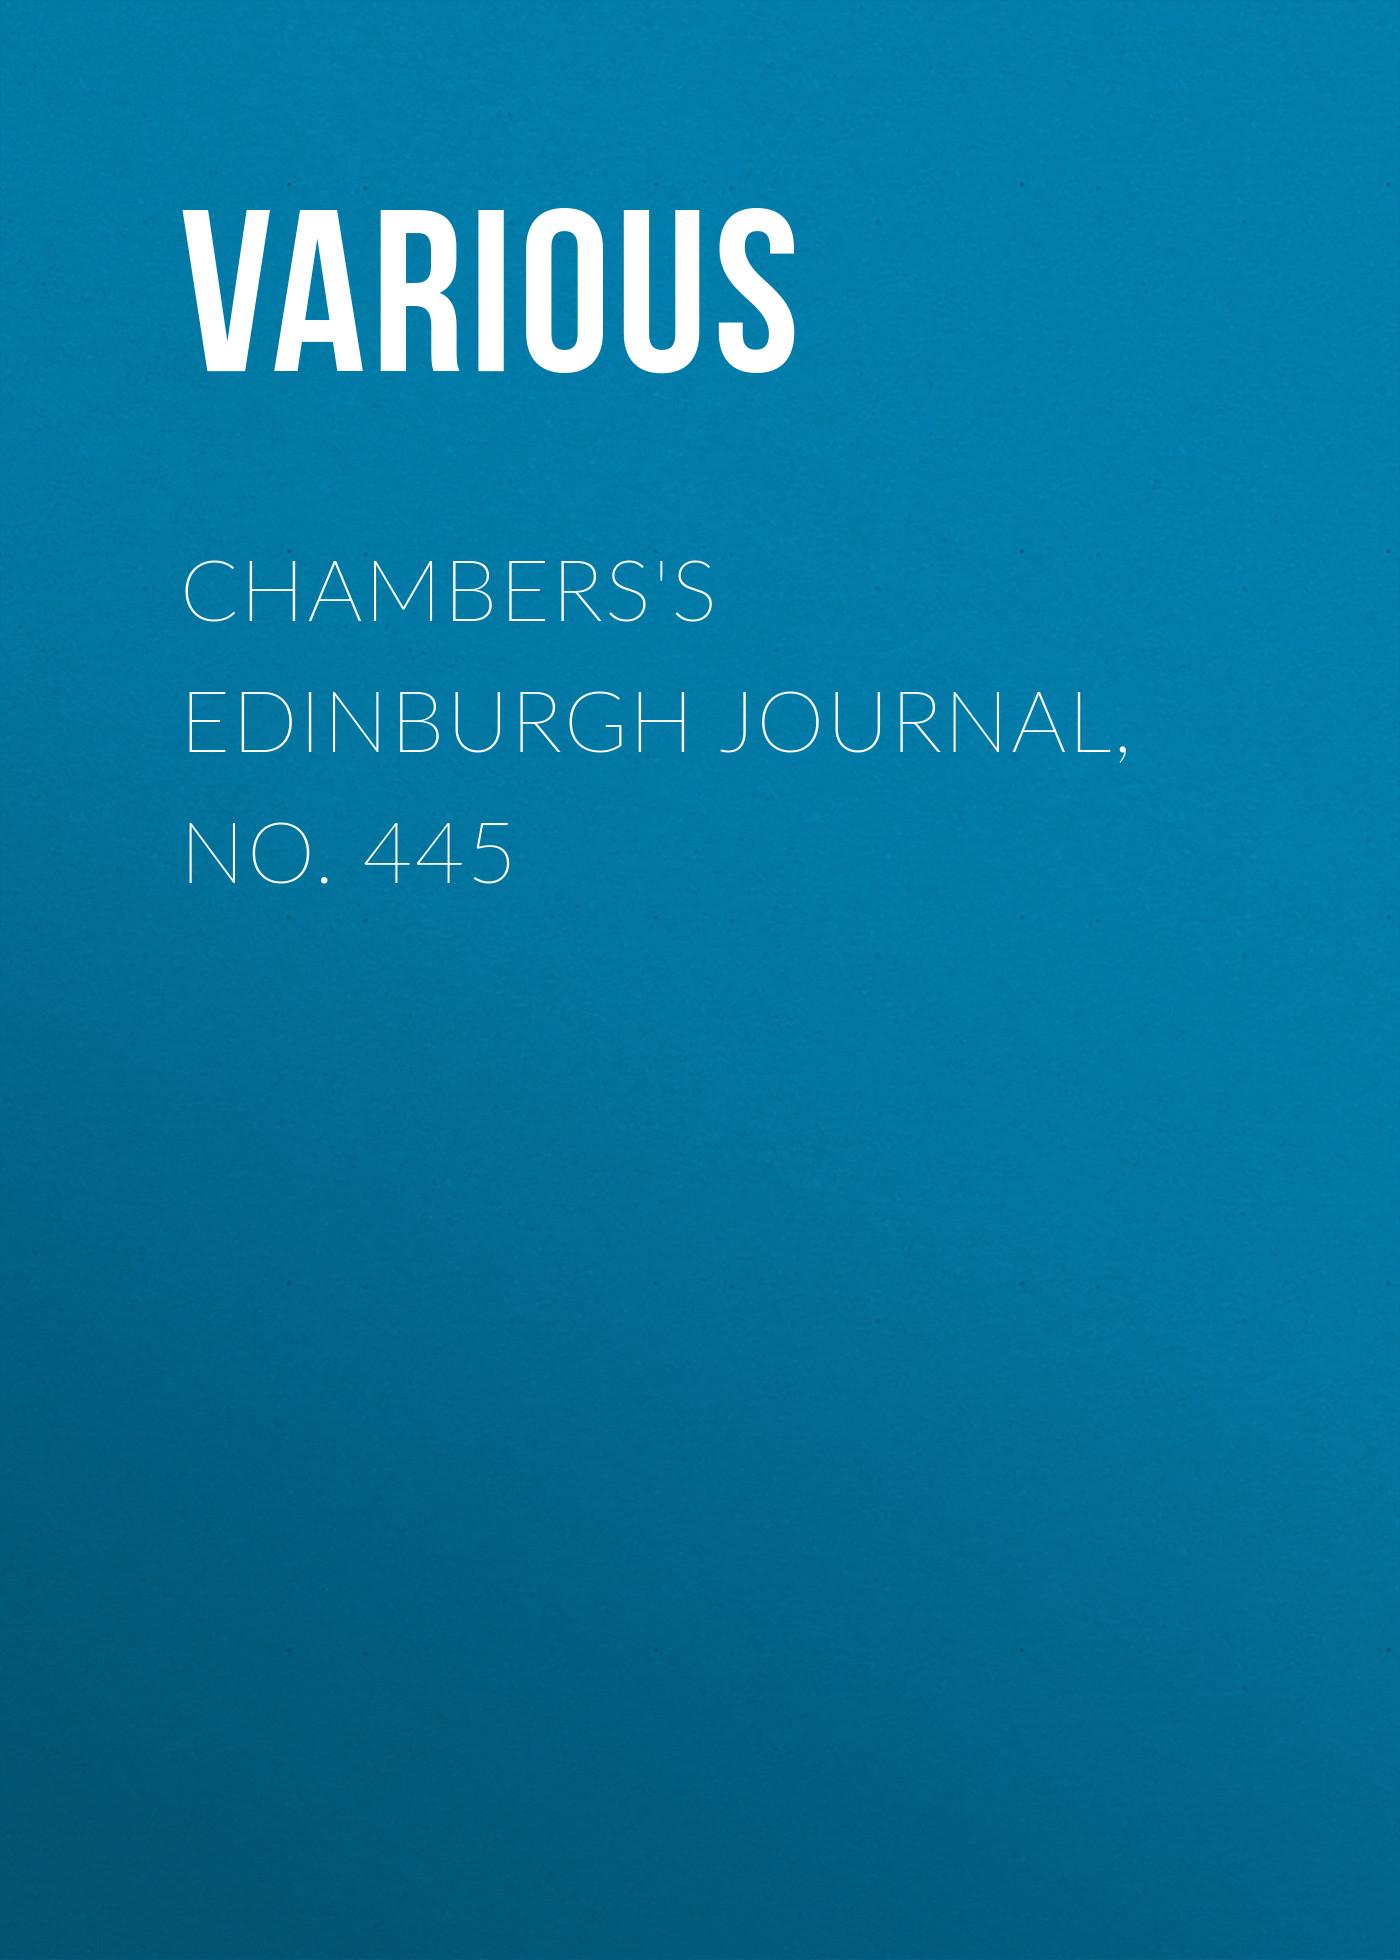 Chambers\'s Edinburgh Journal, No. 445 ( Various  )